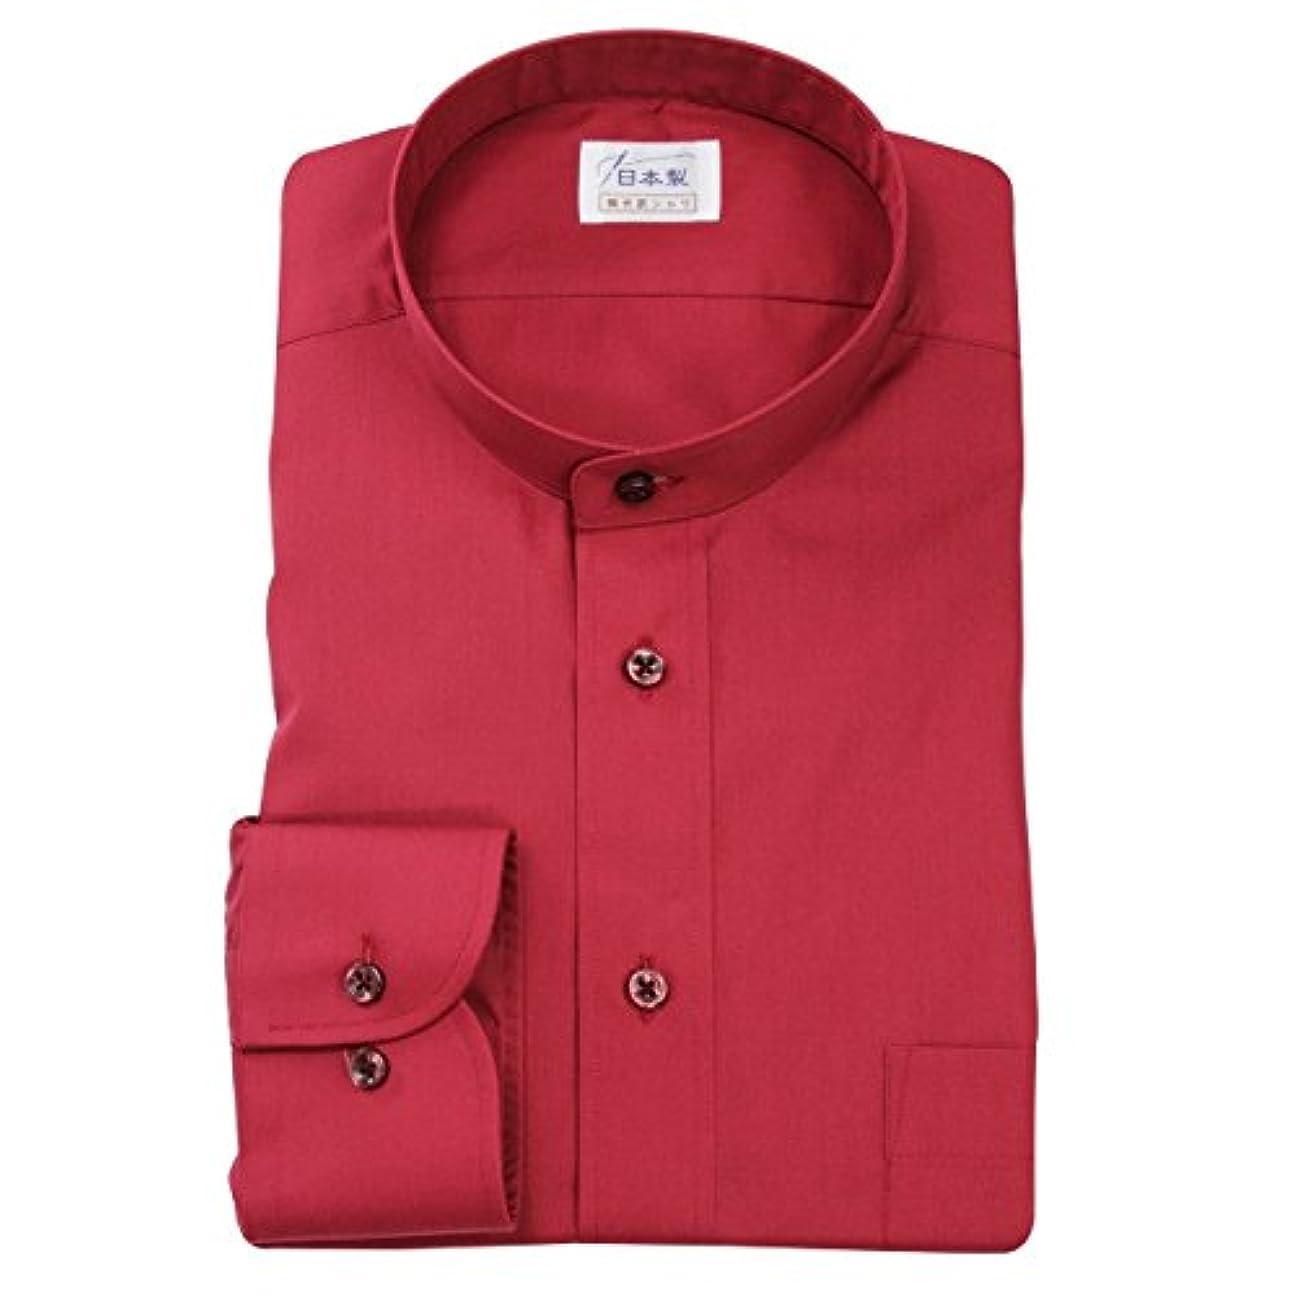 加速度変なキラウエア山ワイシャツ メンズ長袖(ドレスシャツ)スタンドカラー ワインレッド 軽井沢シャツ [A10KZZS33]